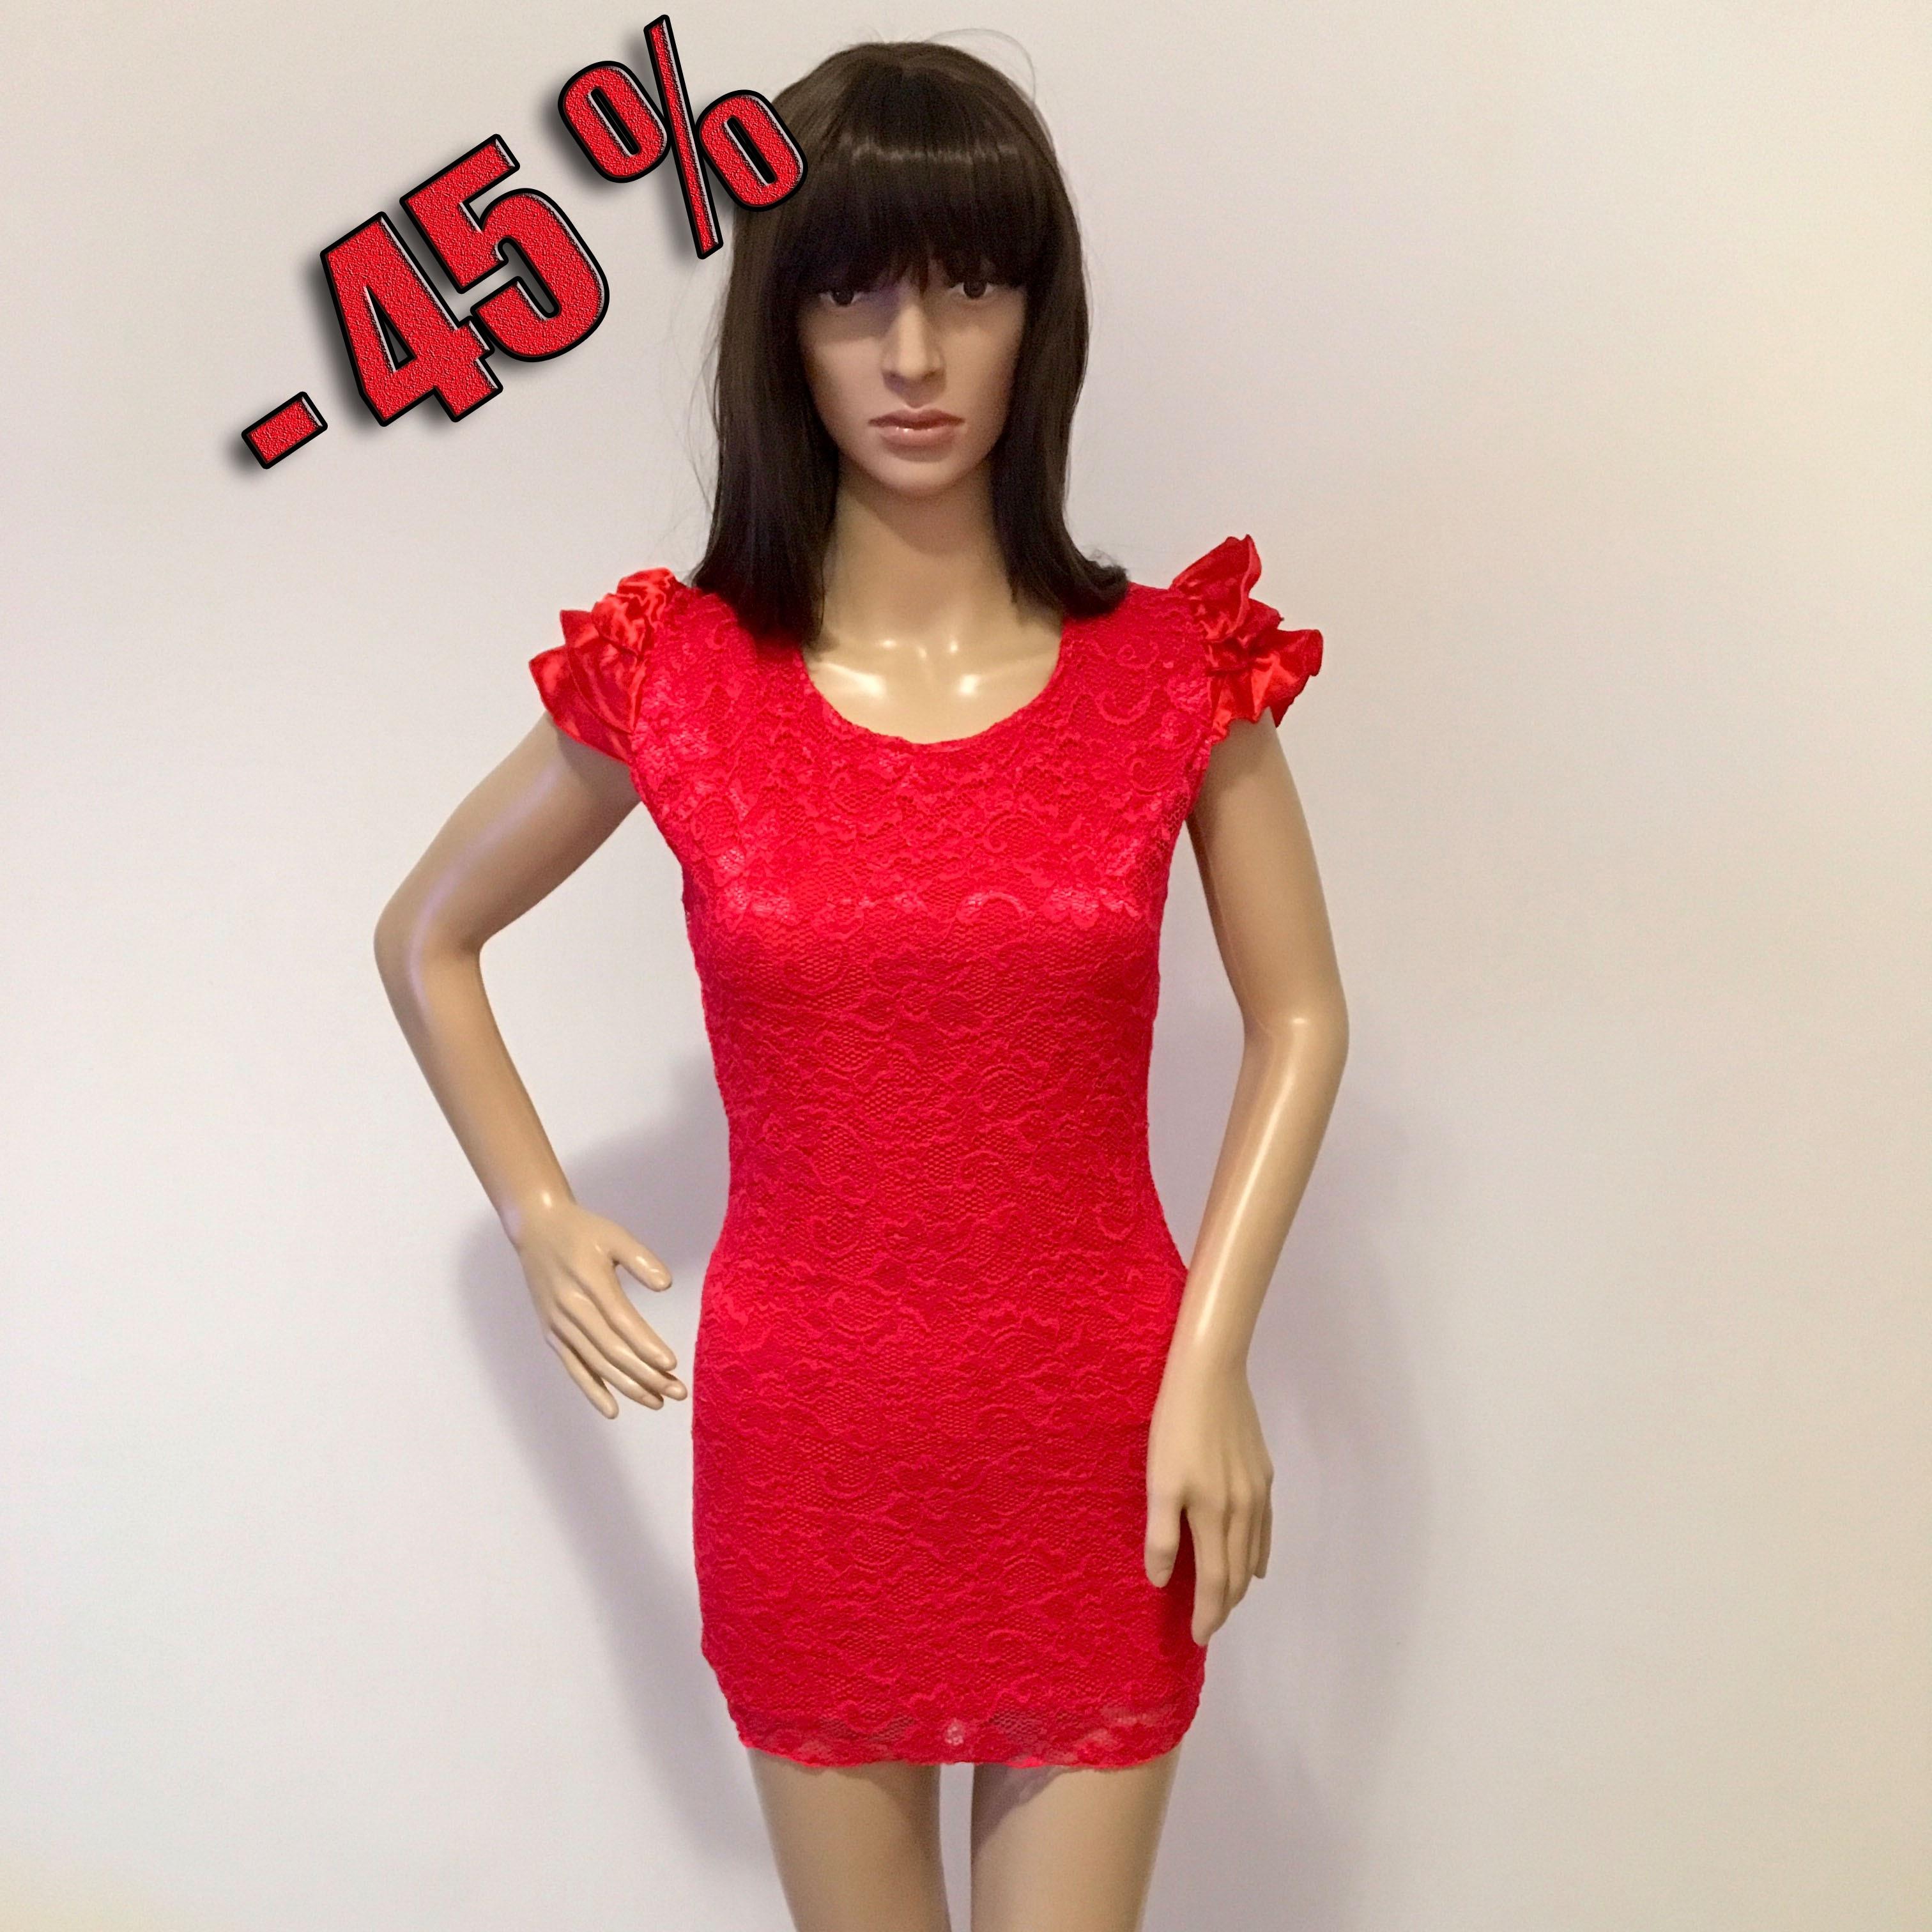 Erstaunlich Kleid Rot Spitze ÄrmelDesigner Fantastisch Kleid Rot Spitze Vertrieb